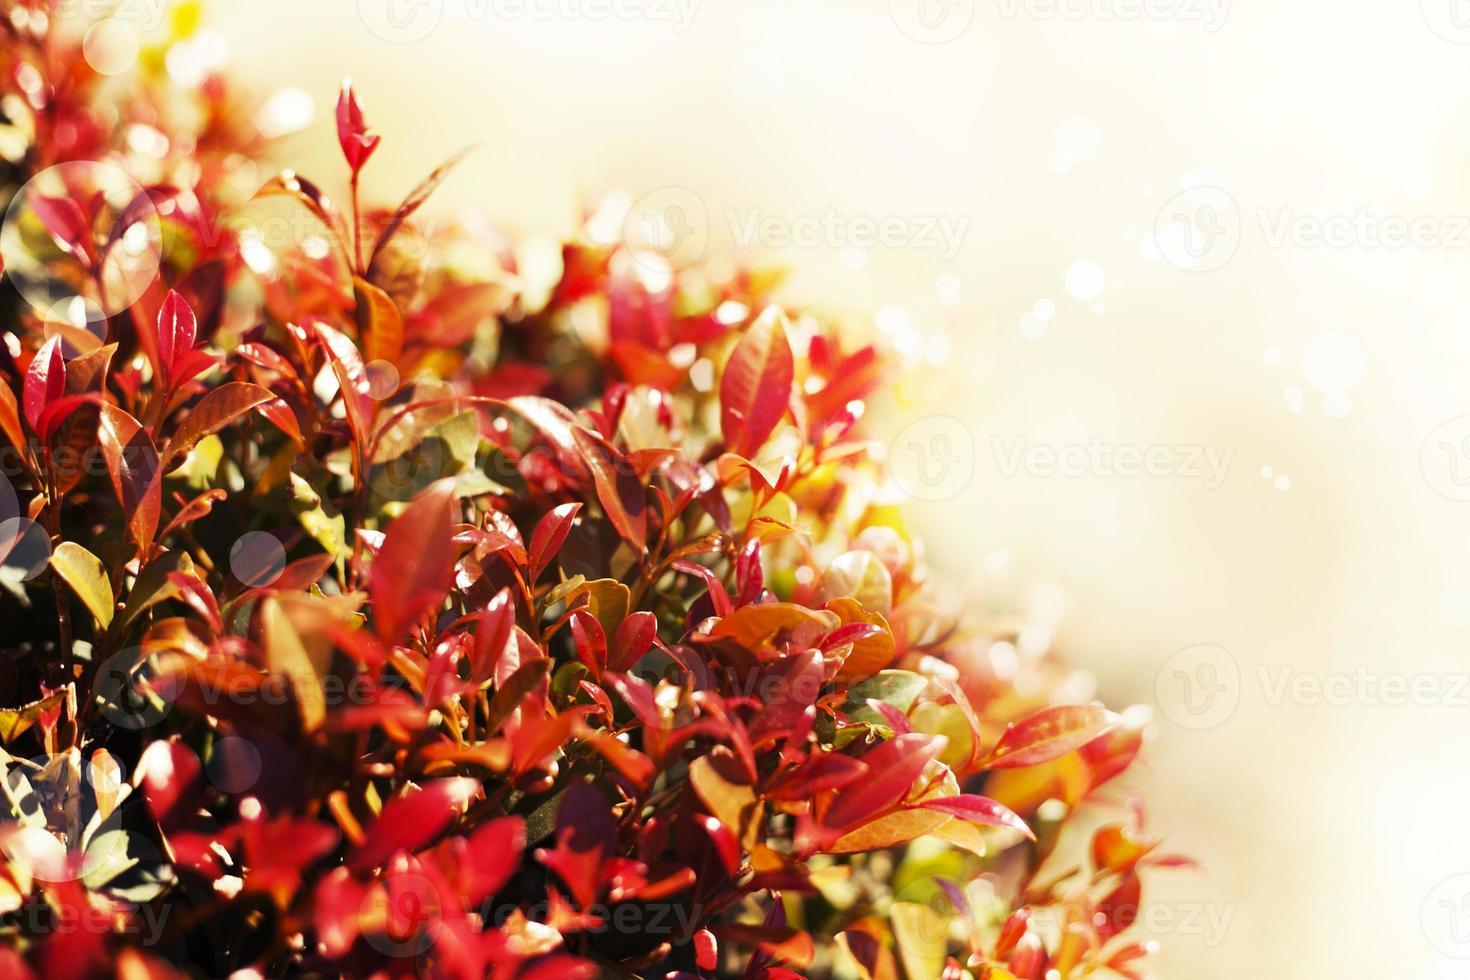 sfondo giallo foglie d'autunno, messa a fuoco molto superficiale, fotografia macro foto